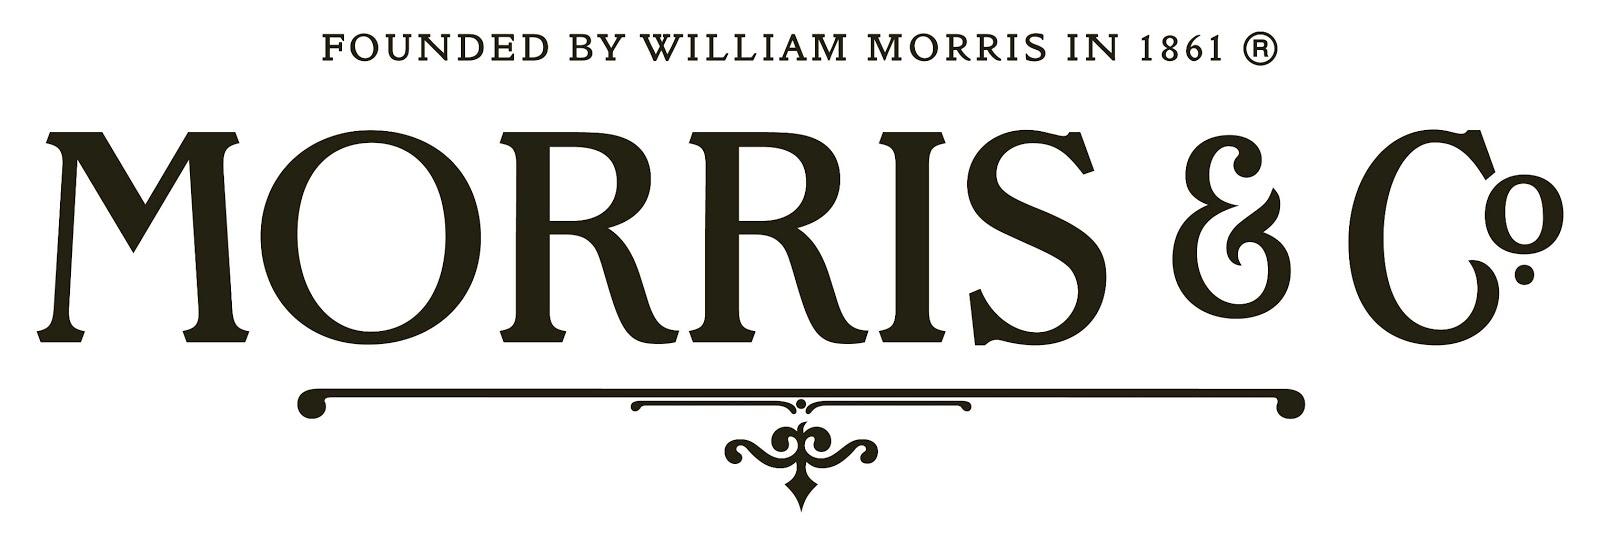 Morris&Co.jpeg